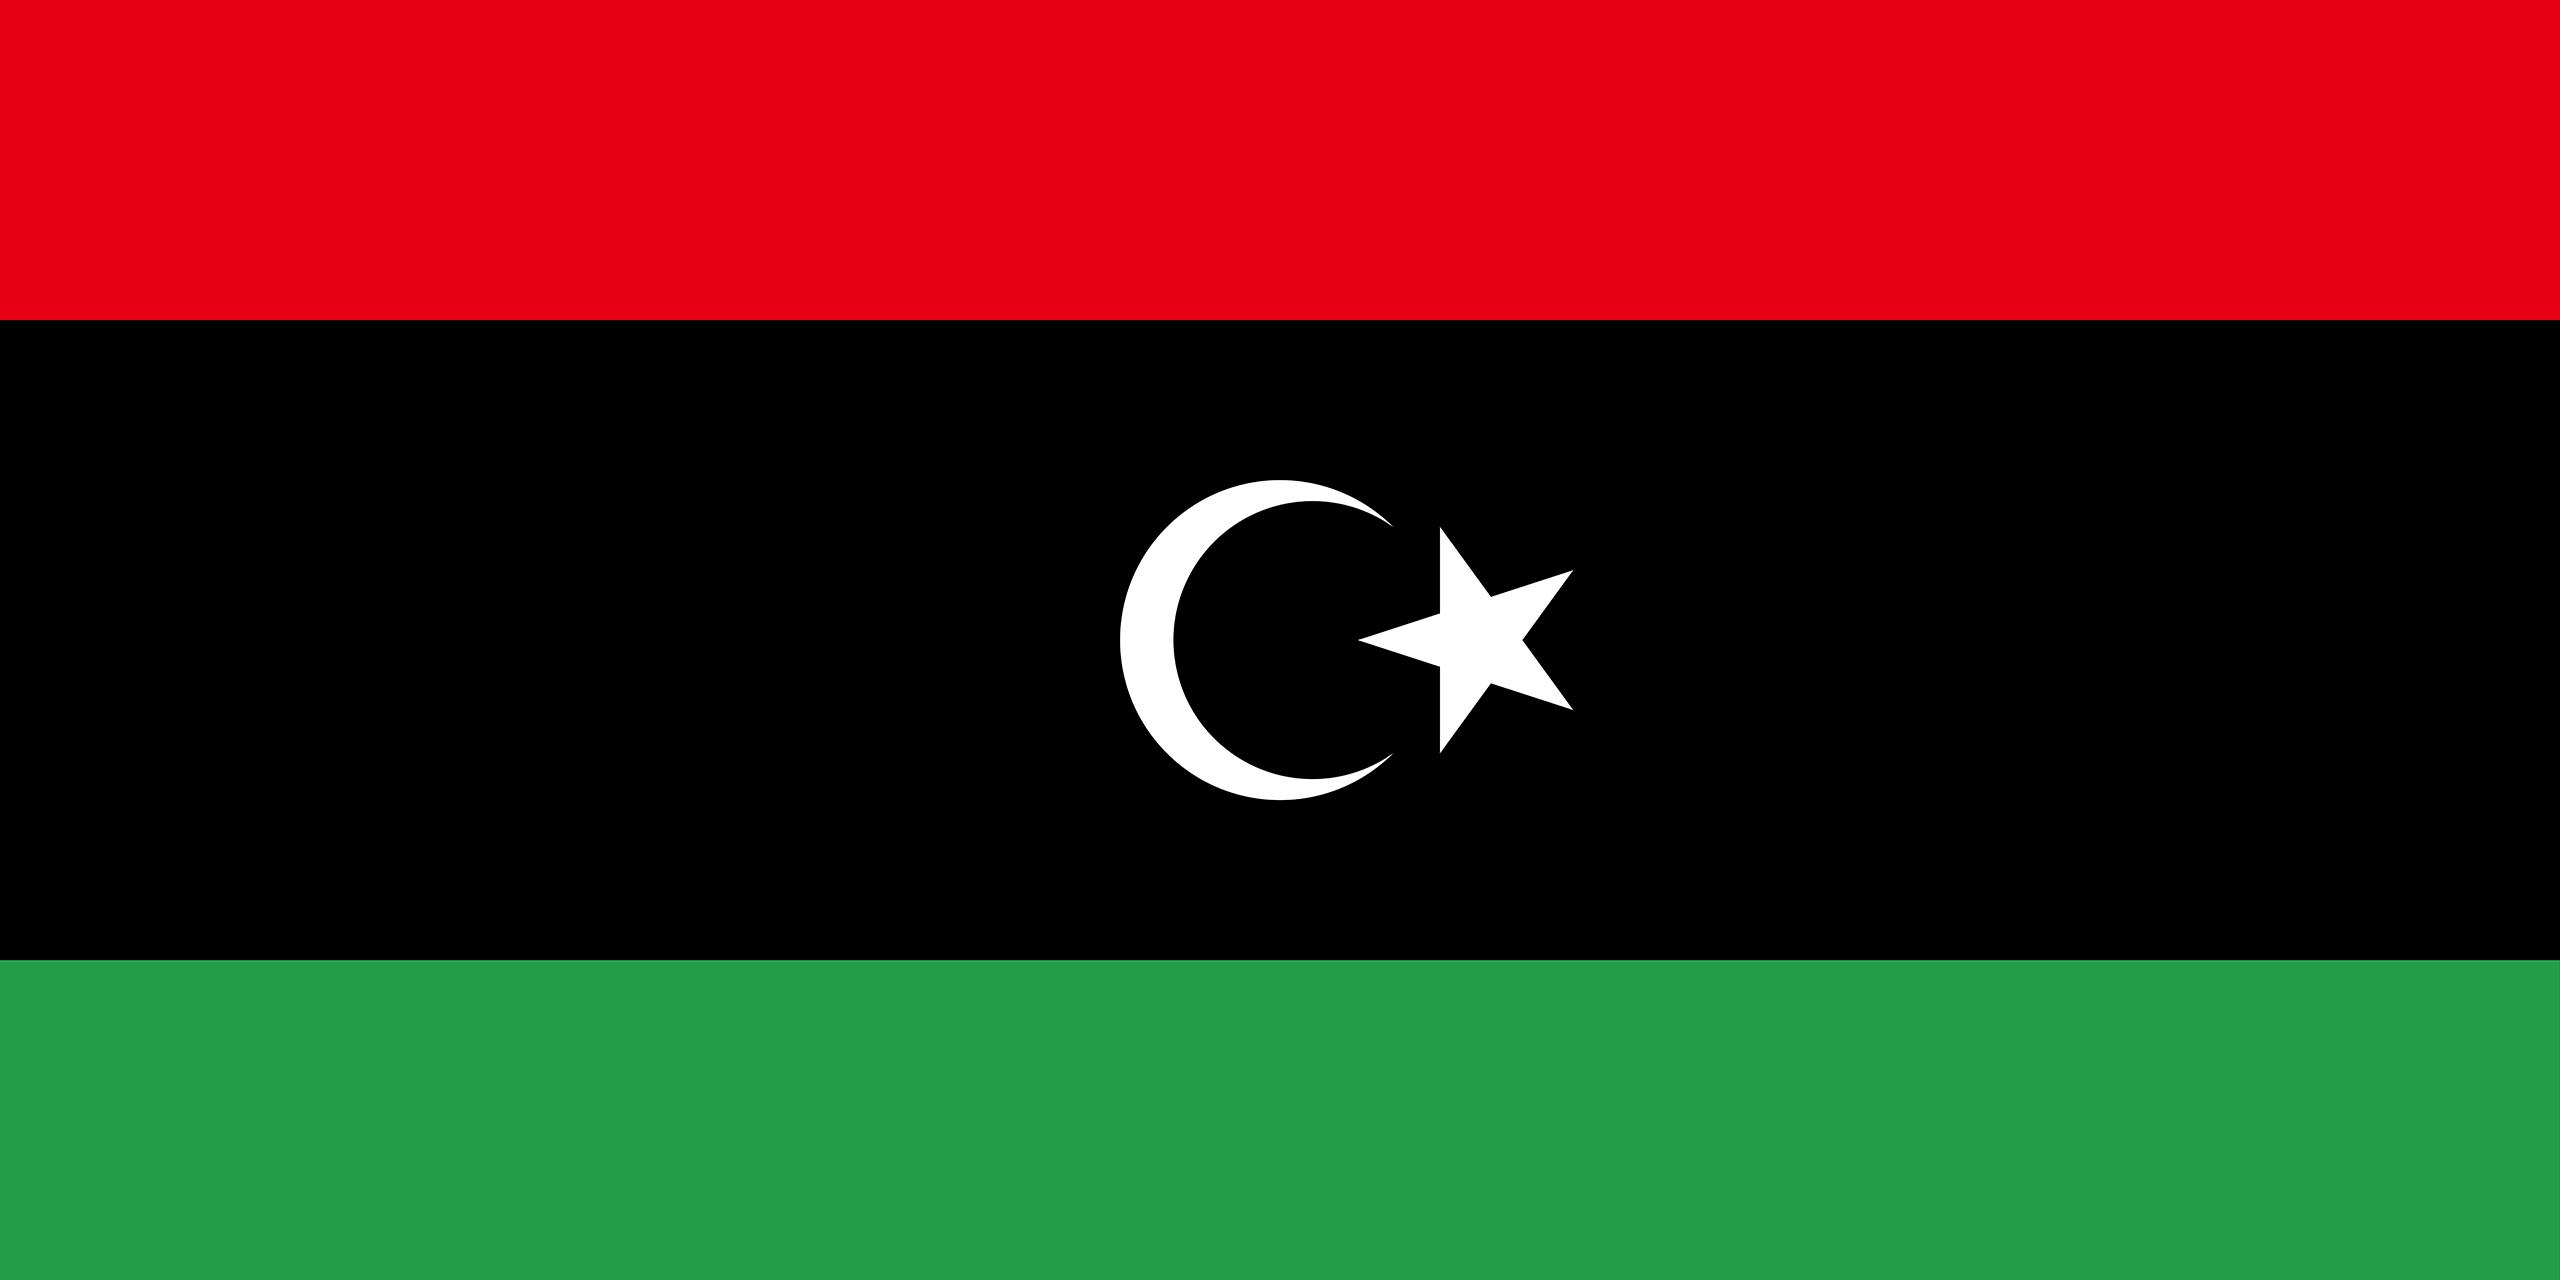 libia, país, emblema, insignia, símbolo - Fondos de Pantalla HD - professor-falken.com